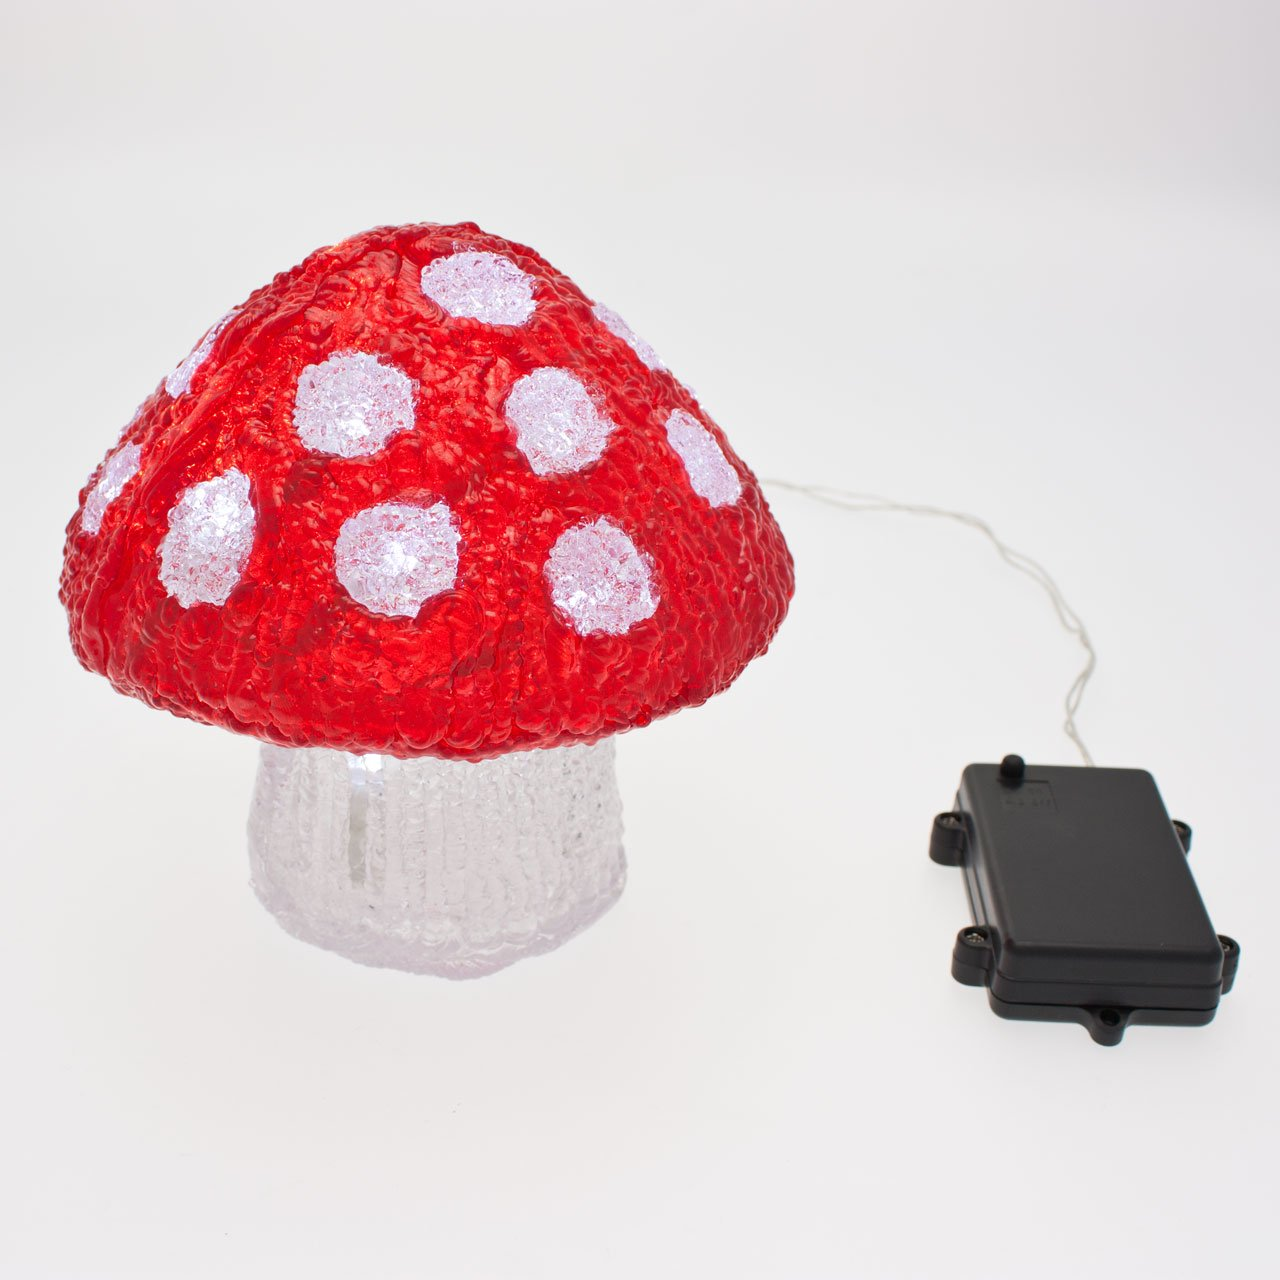 Seta 3D a pilas, 15 cm, 20 LED luz fría, uso exterior, temporizador 6/18, objetos luminosos 3D, decoración de Navidad Luminalpark